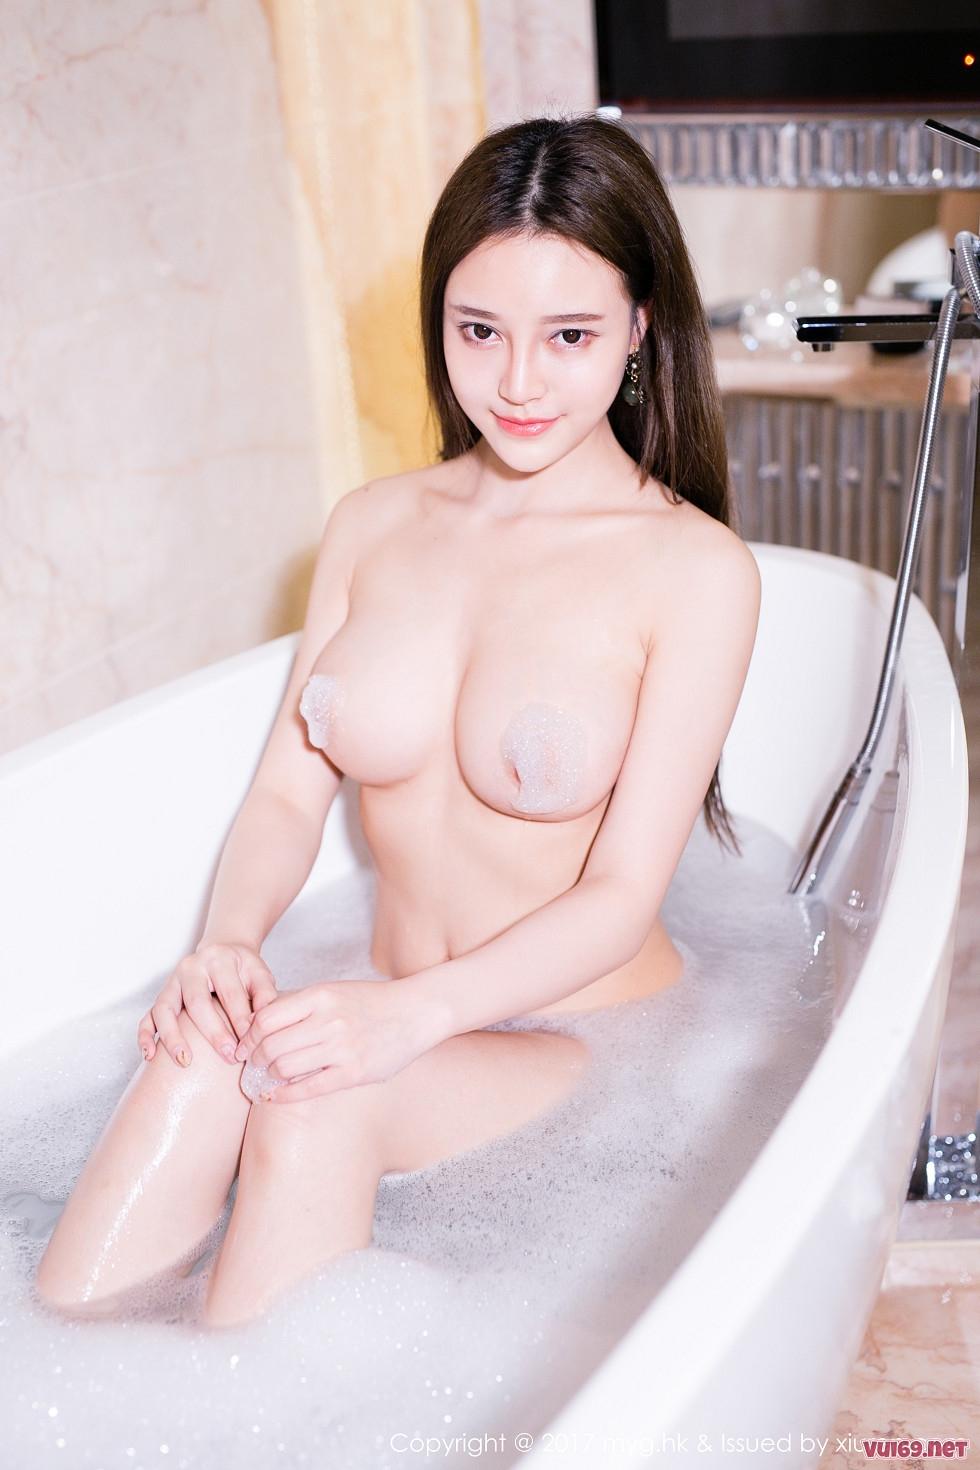 Nữ sinh vú đẹp tắm trần